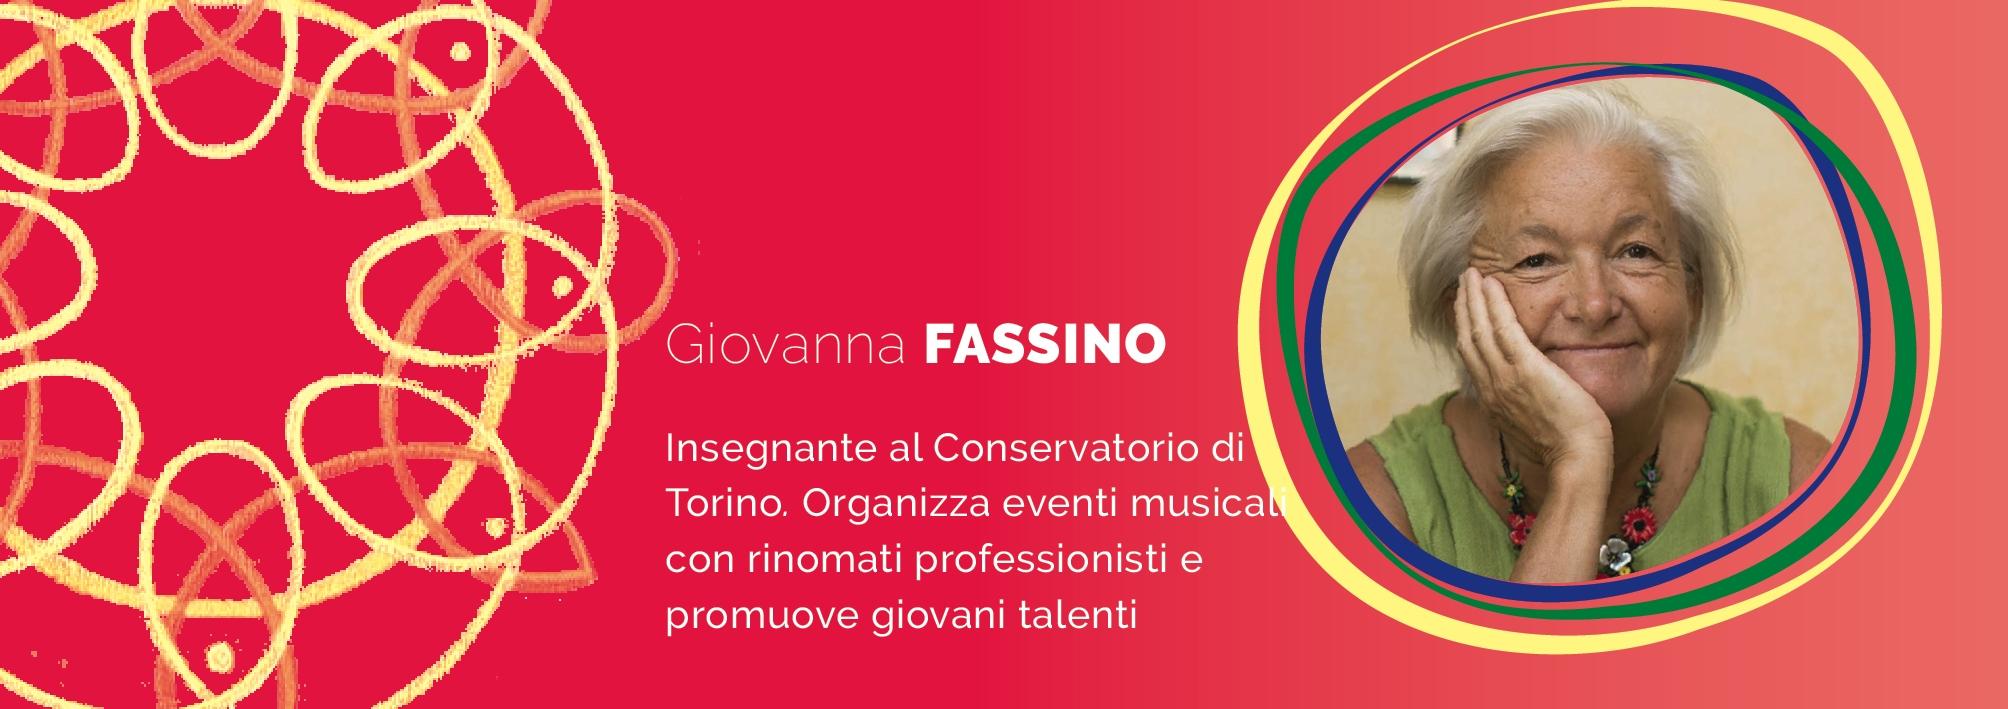 Giovanna Fassino